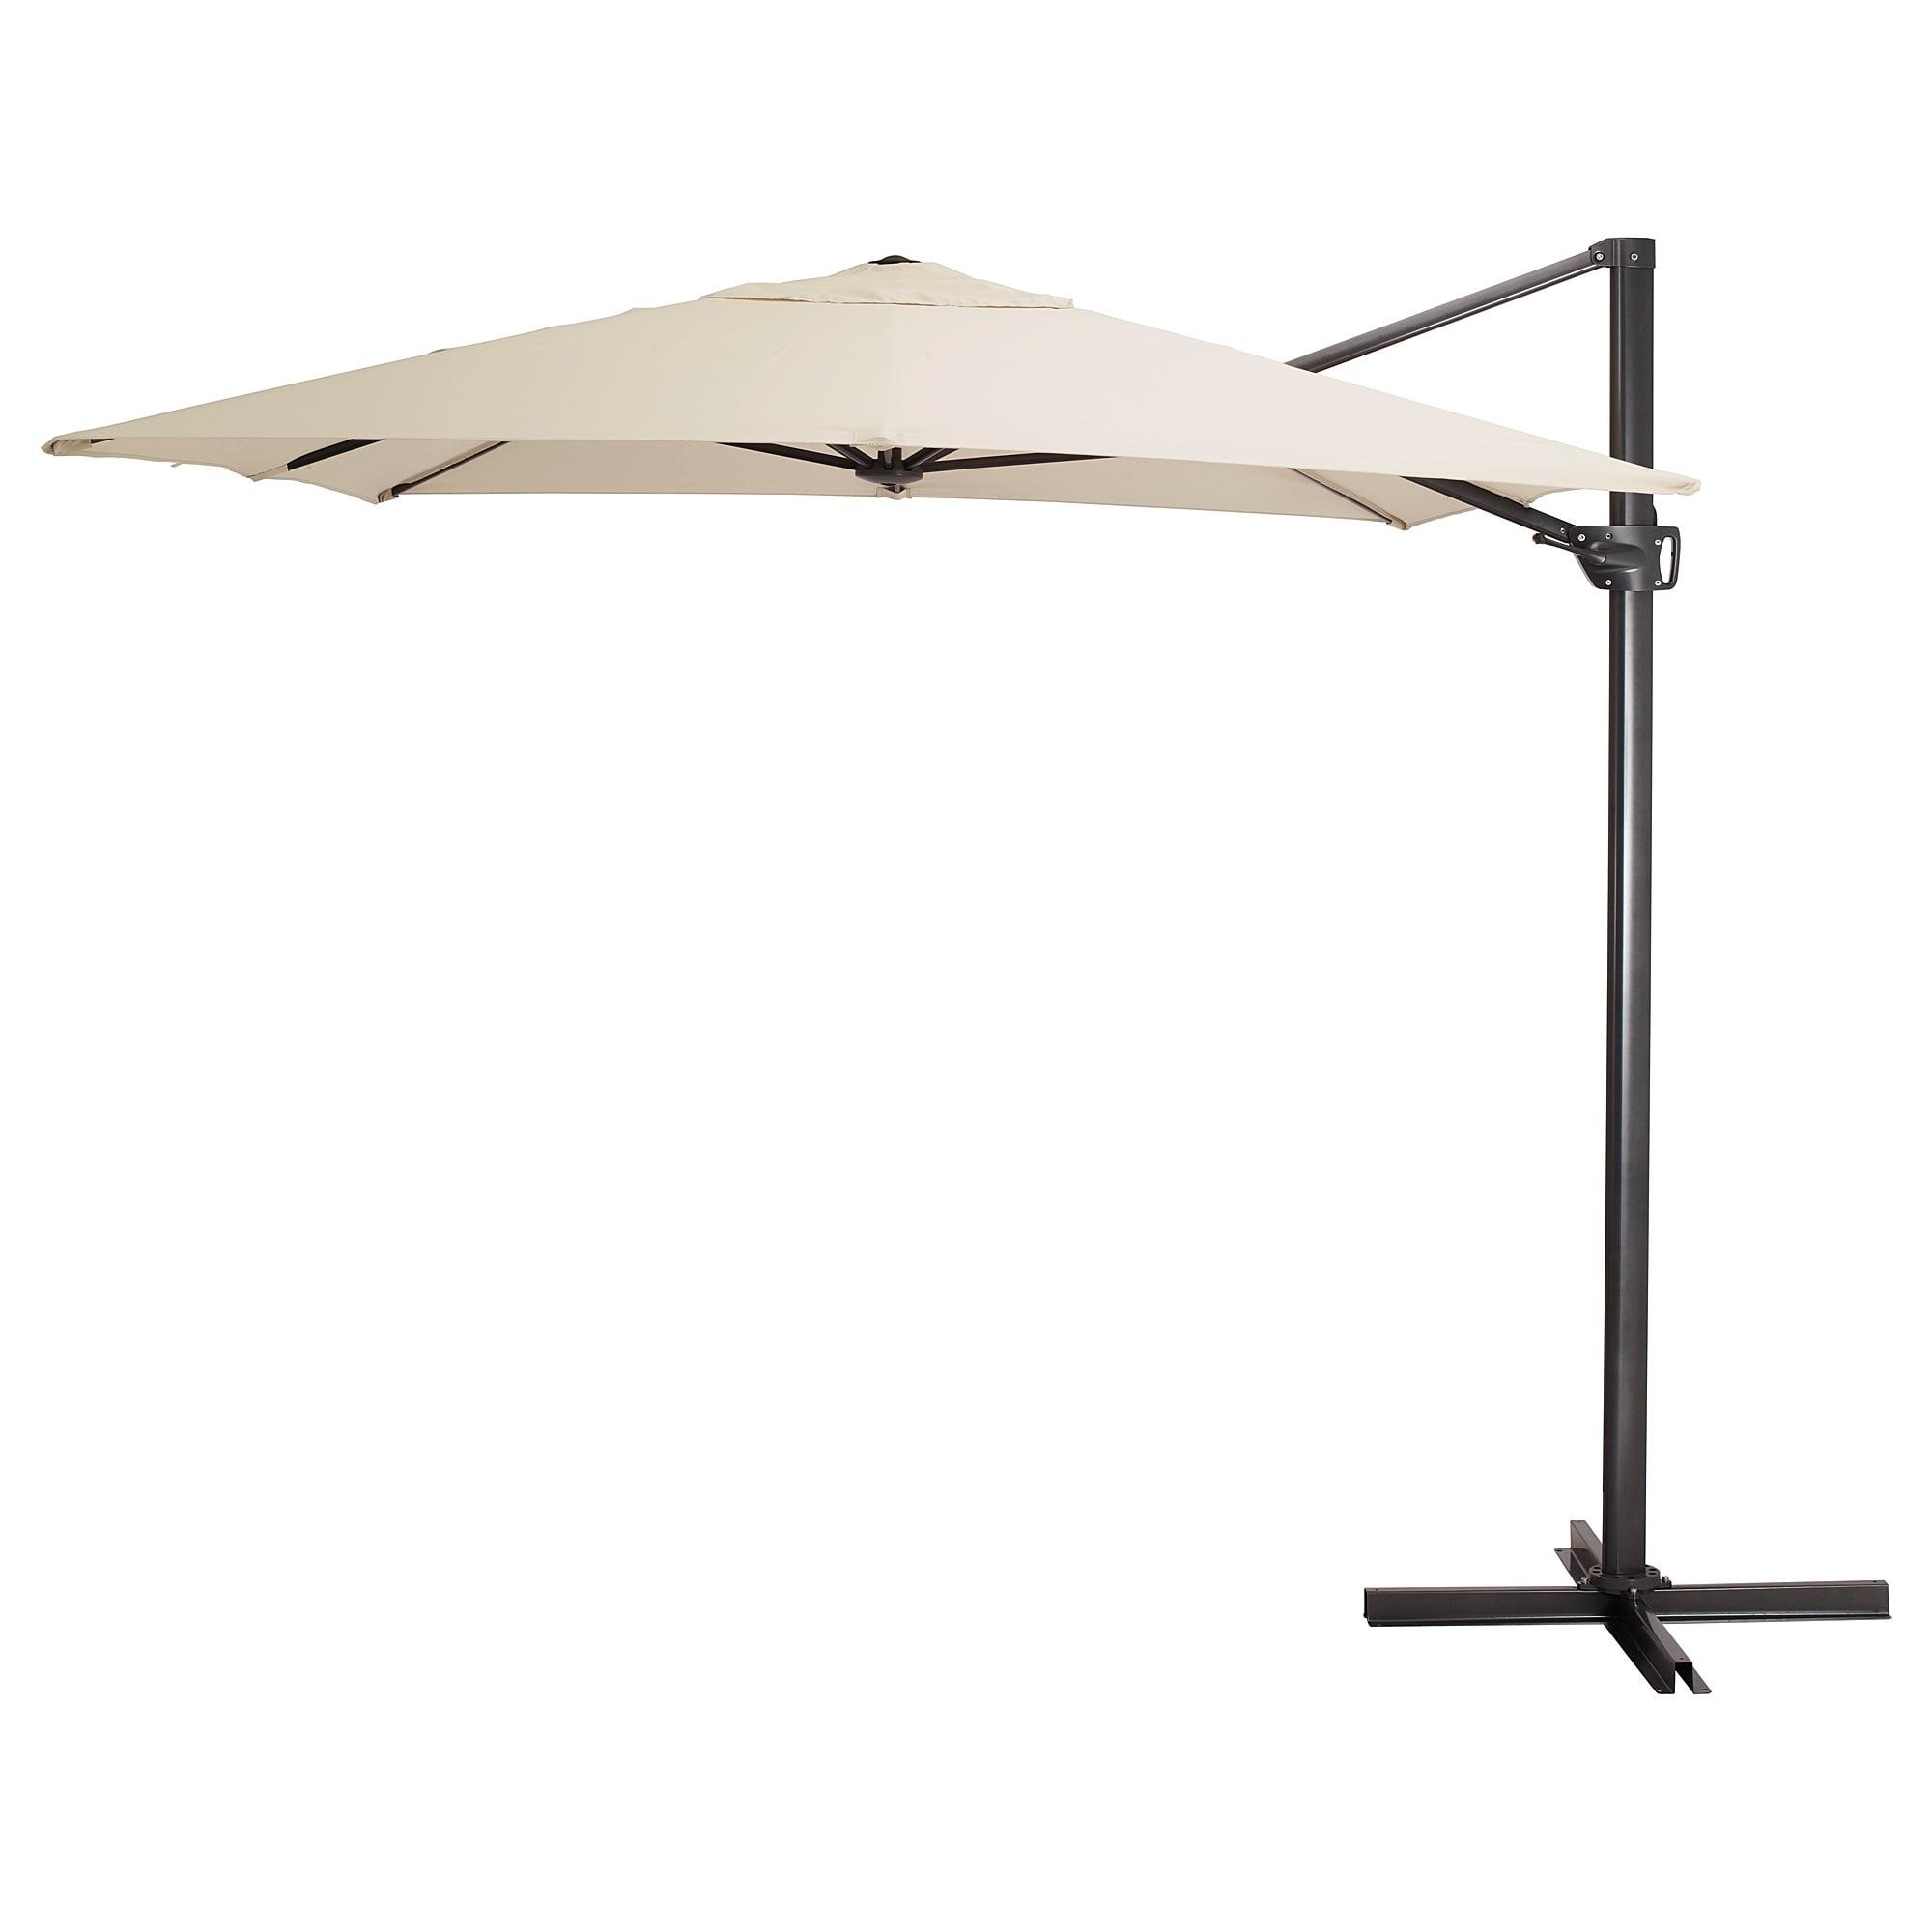 Home Depot Rain Umbrella (View 20 of 20)